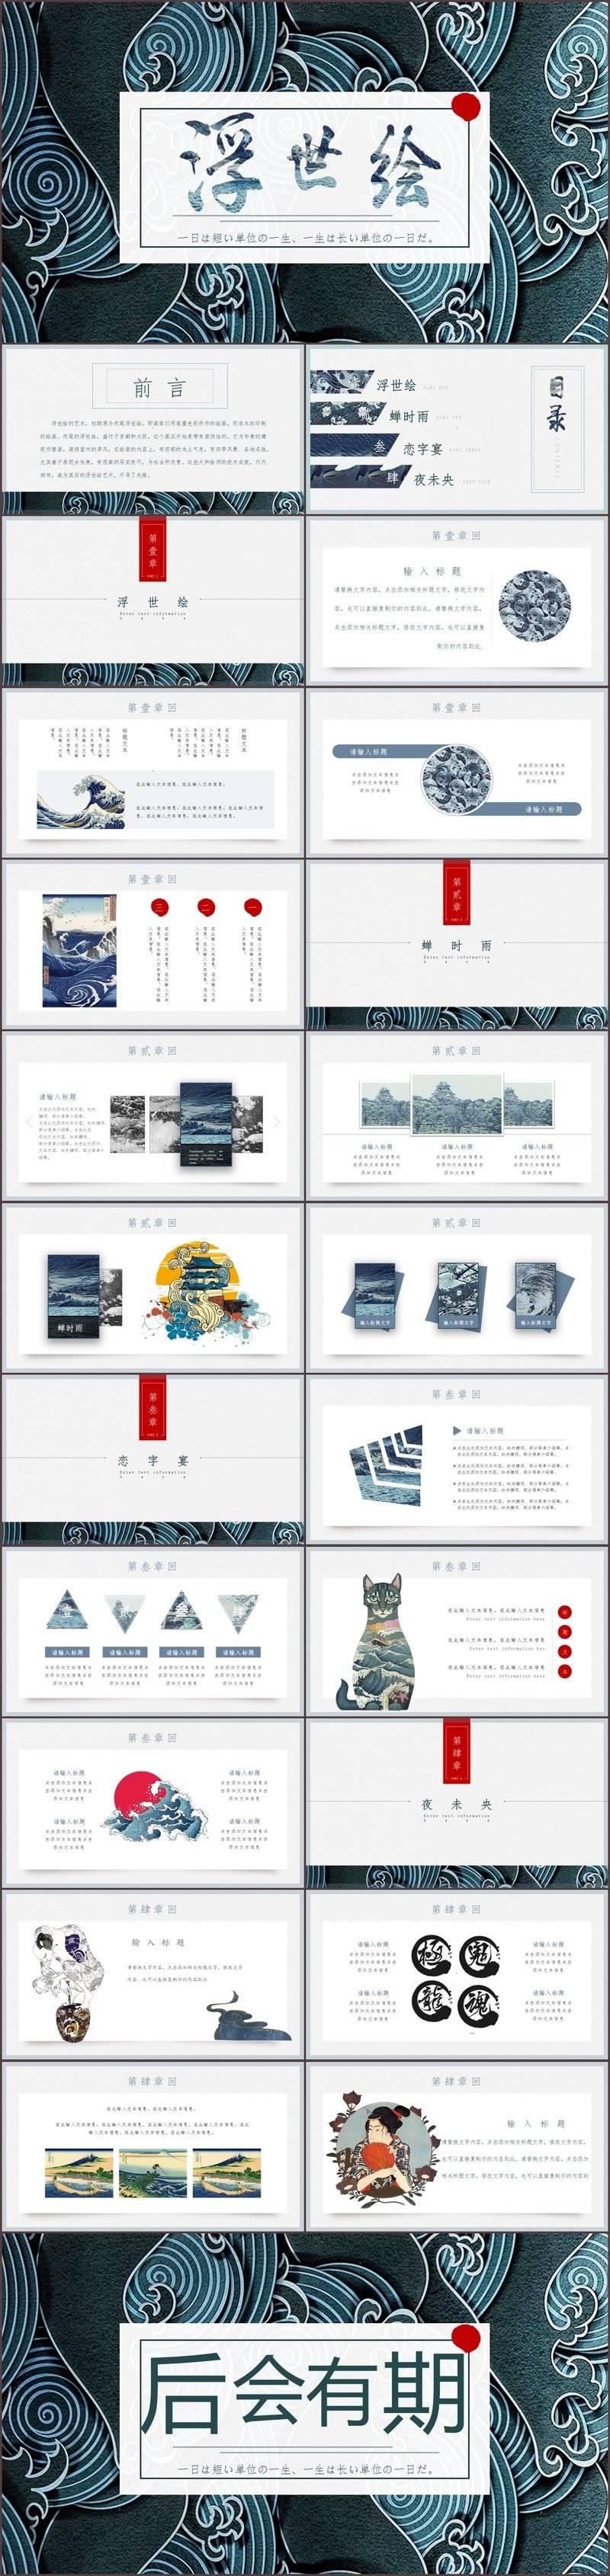 免费下载 静态图片 静态 动画视频效果 动态幻灯片 背景素材设计 ppt